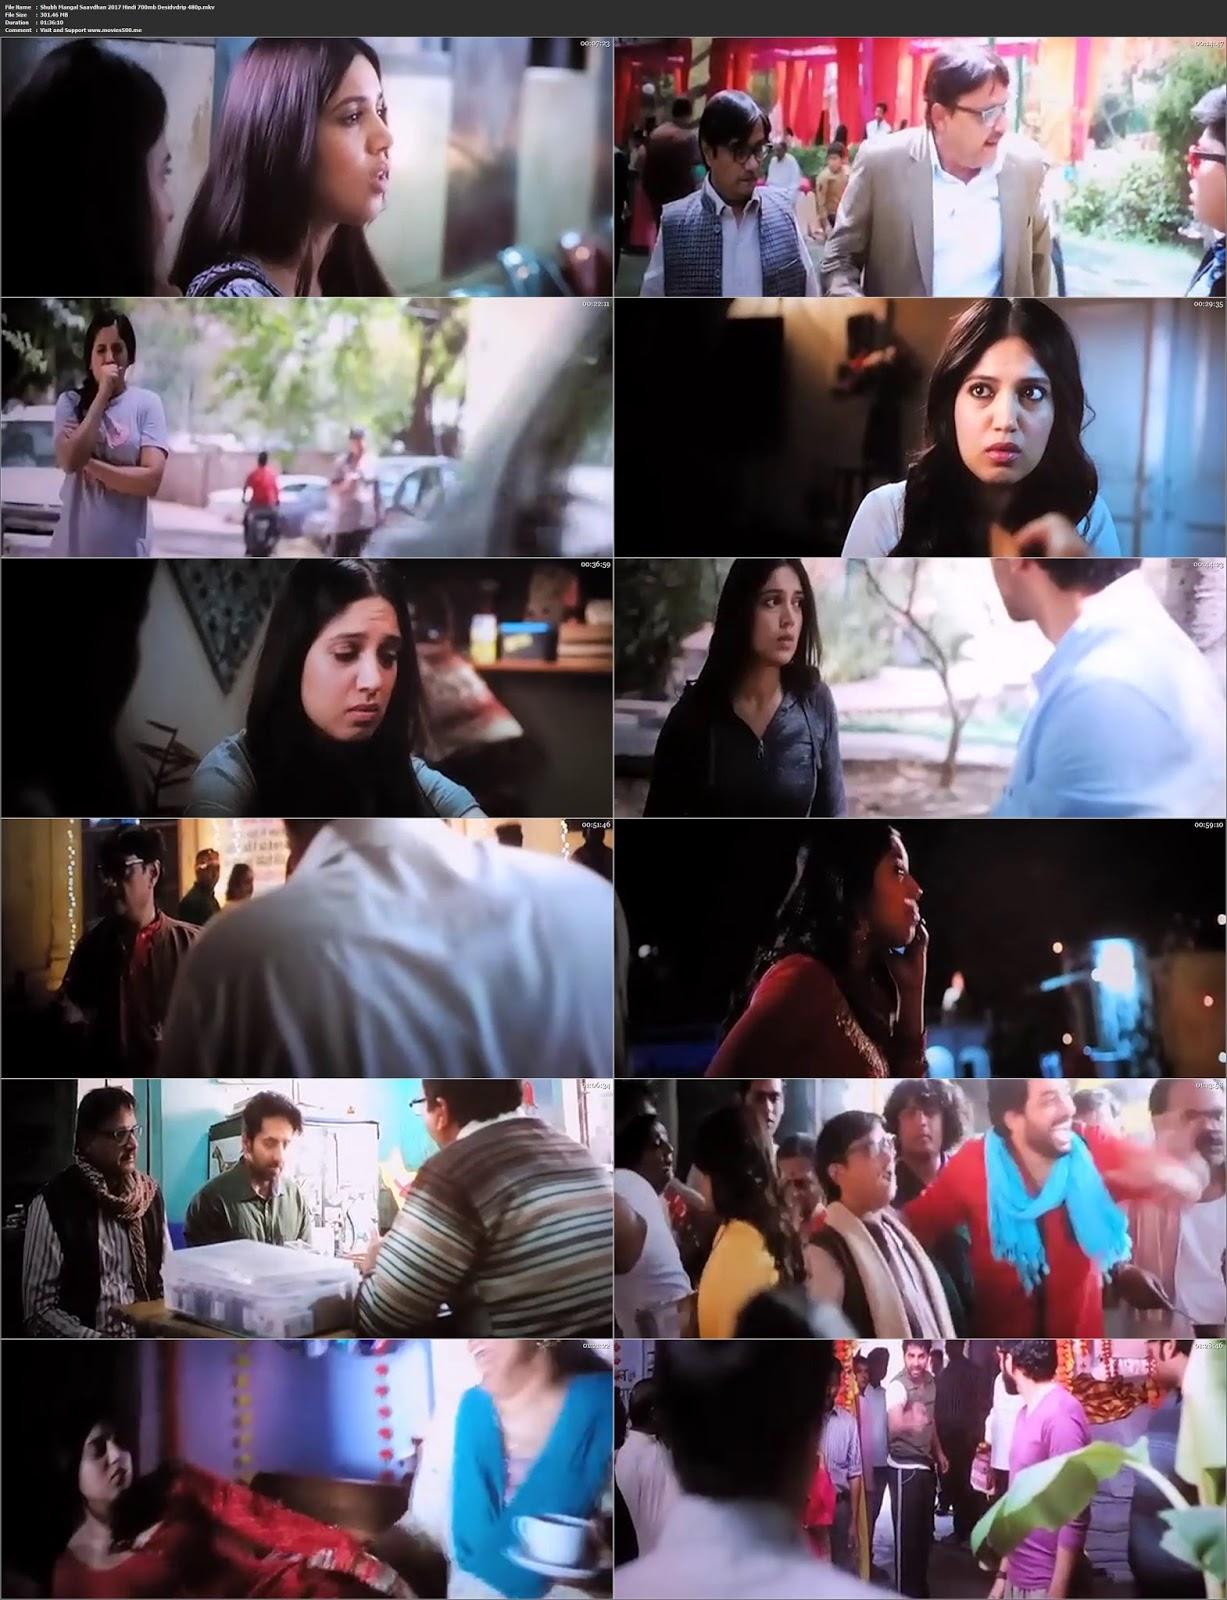 Shubh Mangal Saavdhan 2017 Bollywood 300MB PDVDRip 480p at tokenguy.com